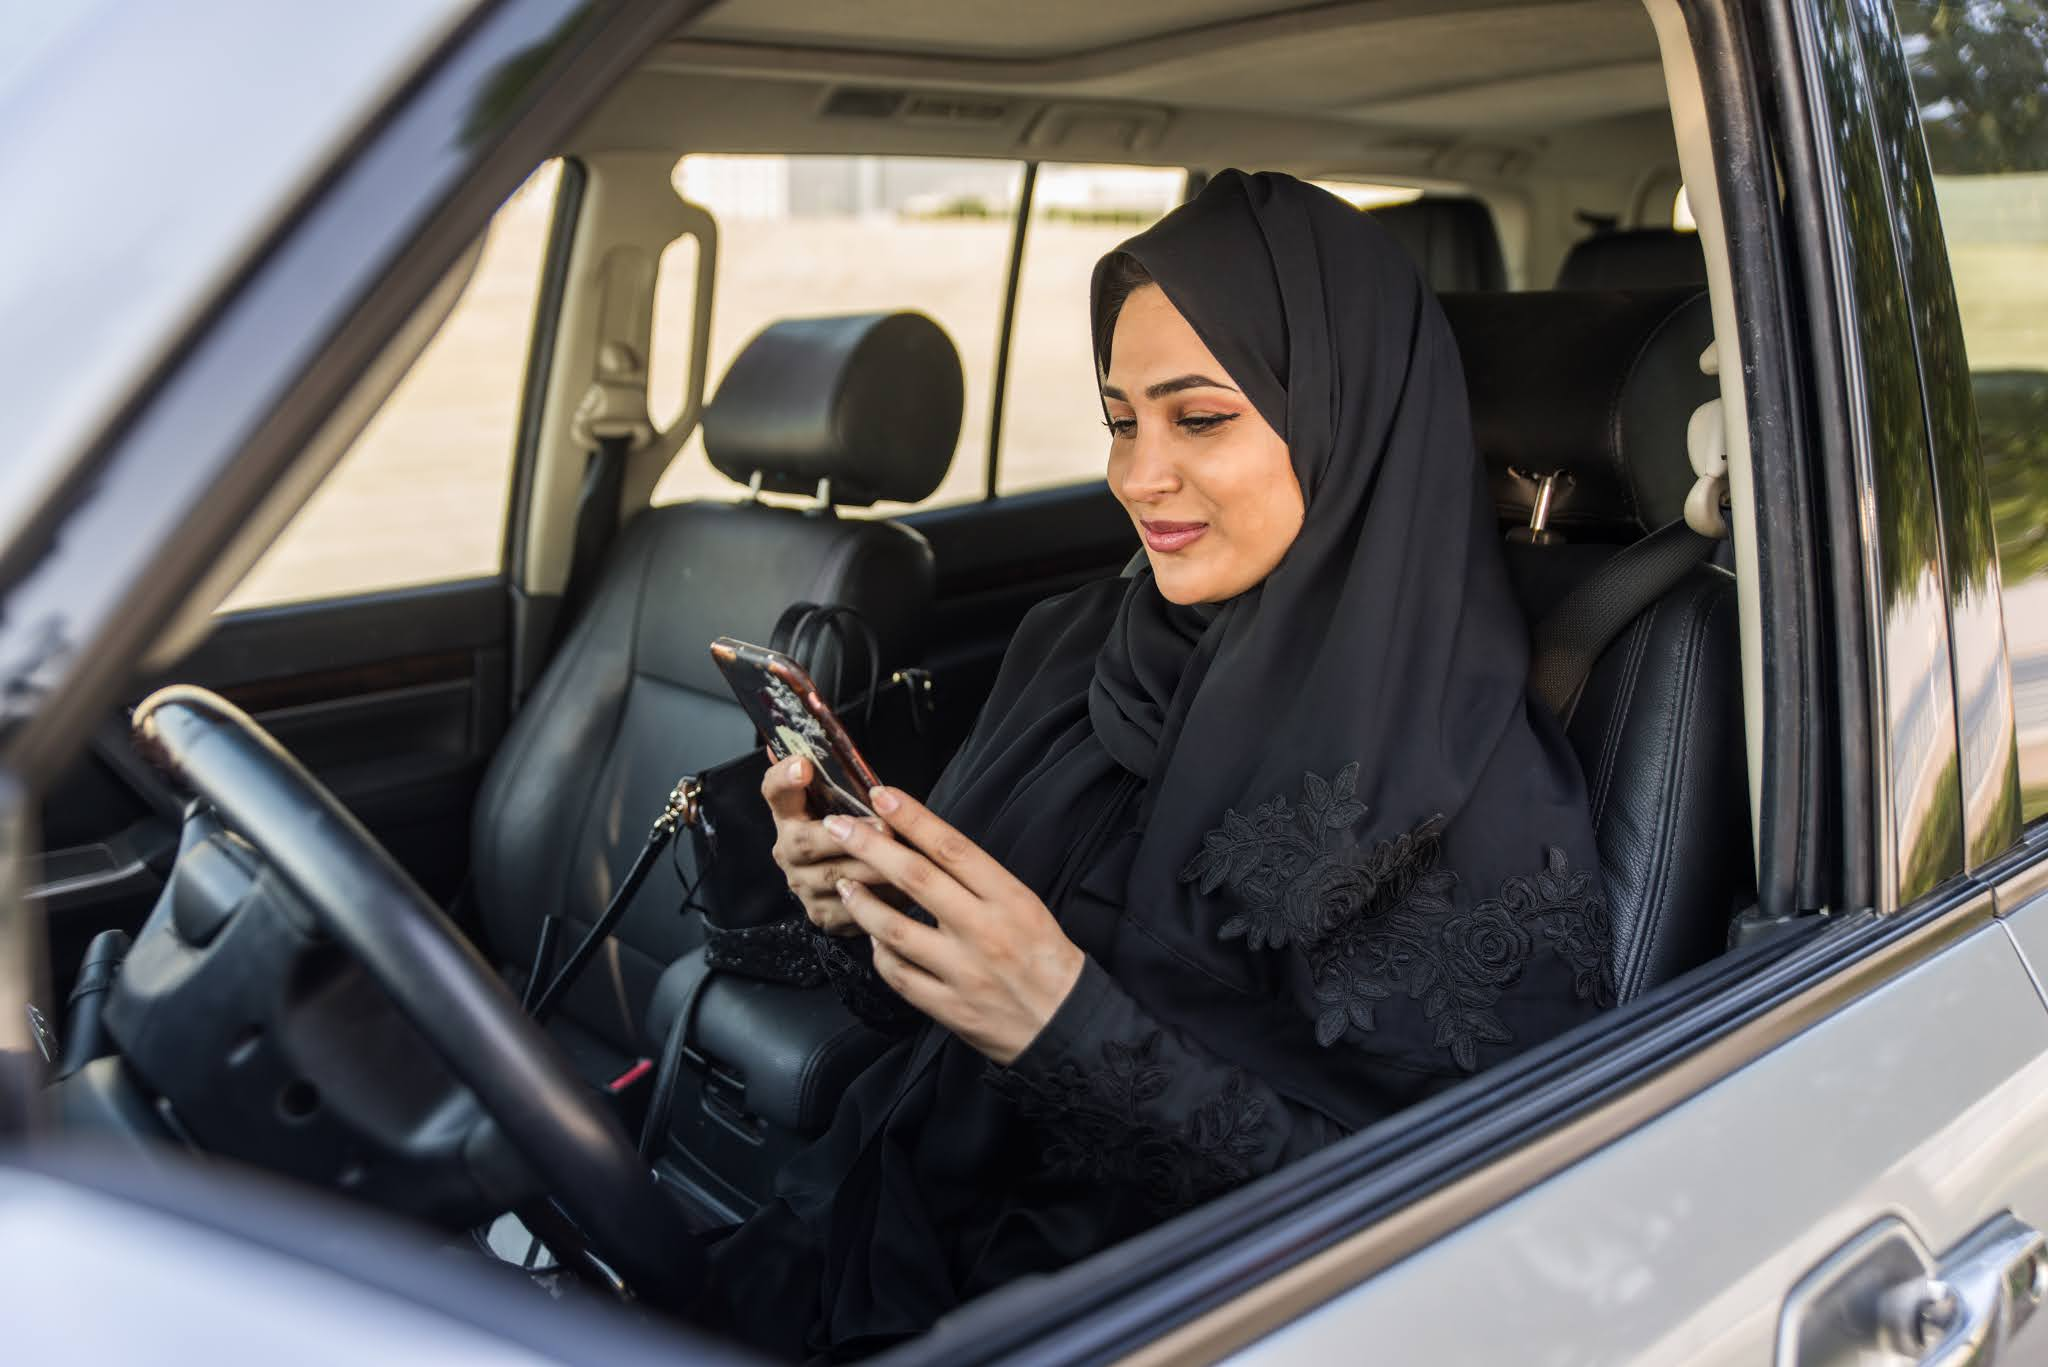 الإمارات تدعم تنفيذ جدول أعمال المرأة والسلام في الأمم المتحدة